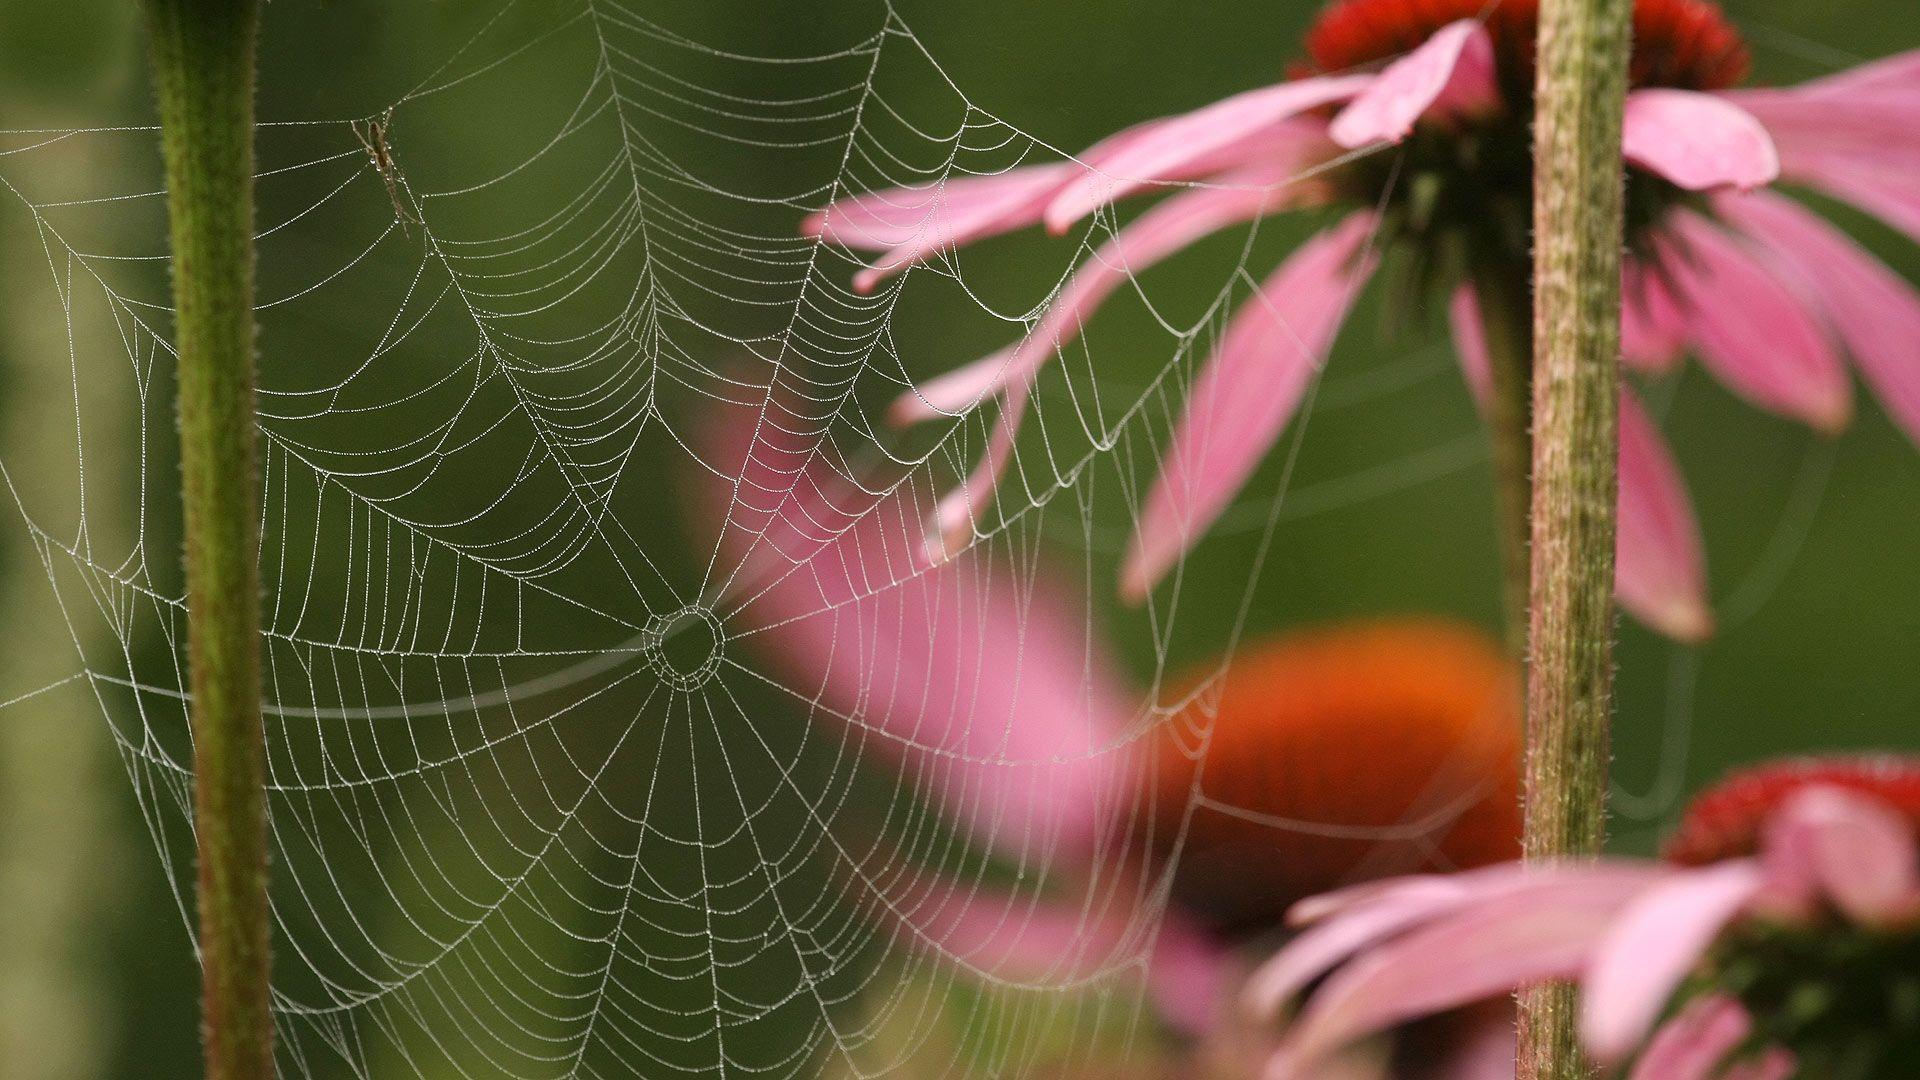 Hämähäkin ratasverkko punahatussa. Kuva: Risto Salovaara/Yle